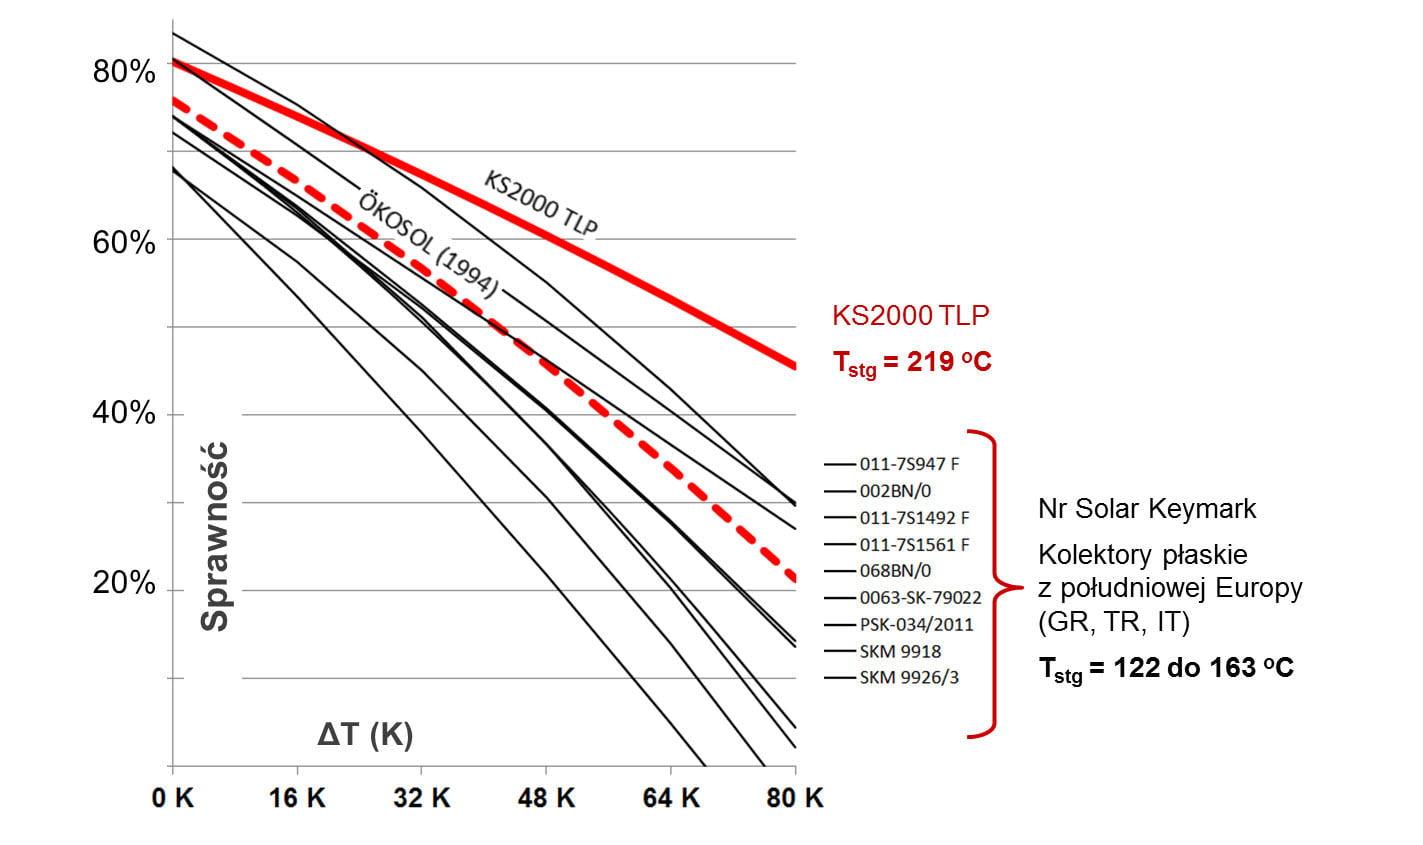 wykres sprawnosci kolektora